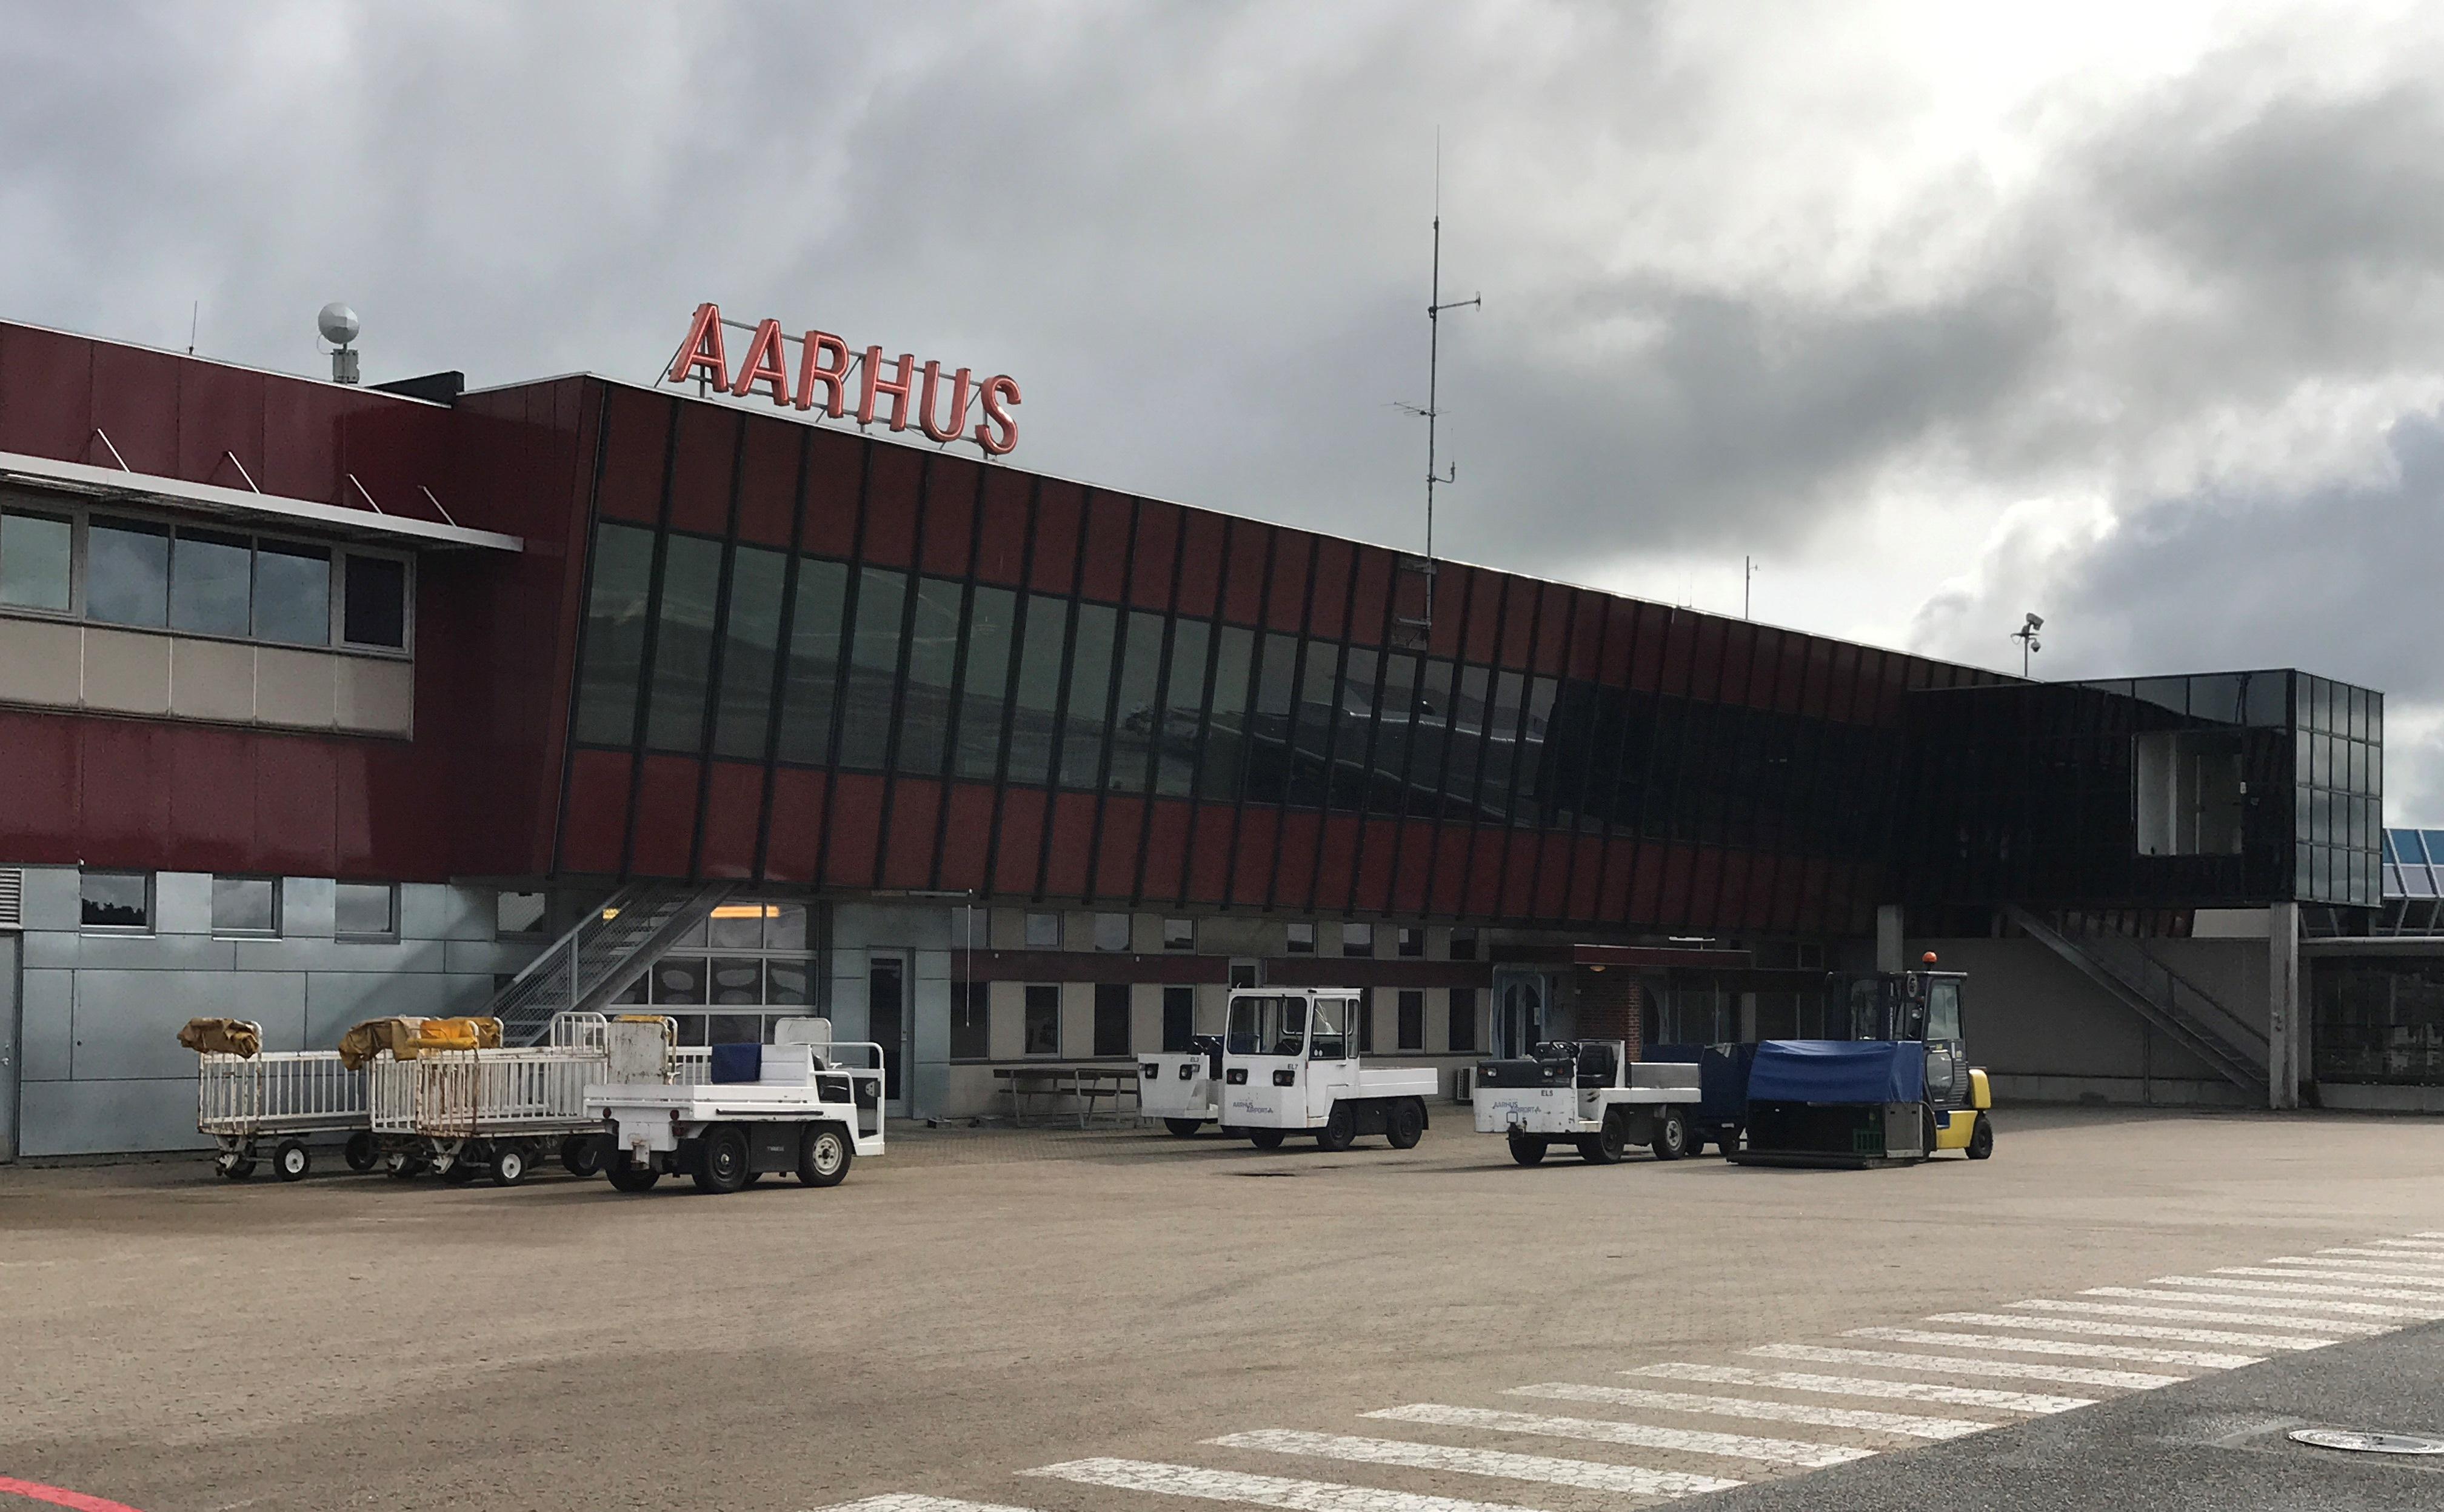 Terminalbygning i Aarhus Lufthavn (Foto: Ole Kirchert Christensen)